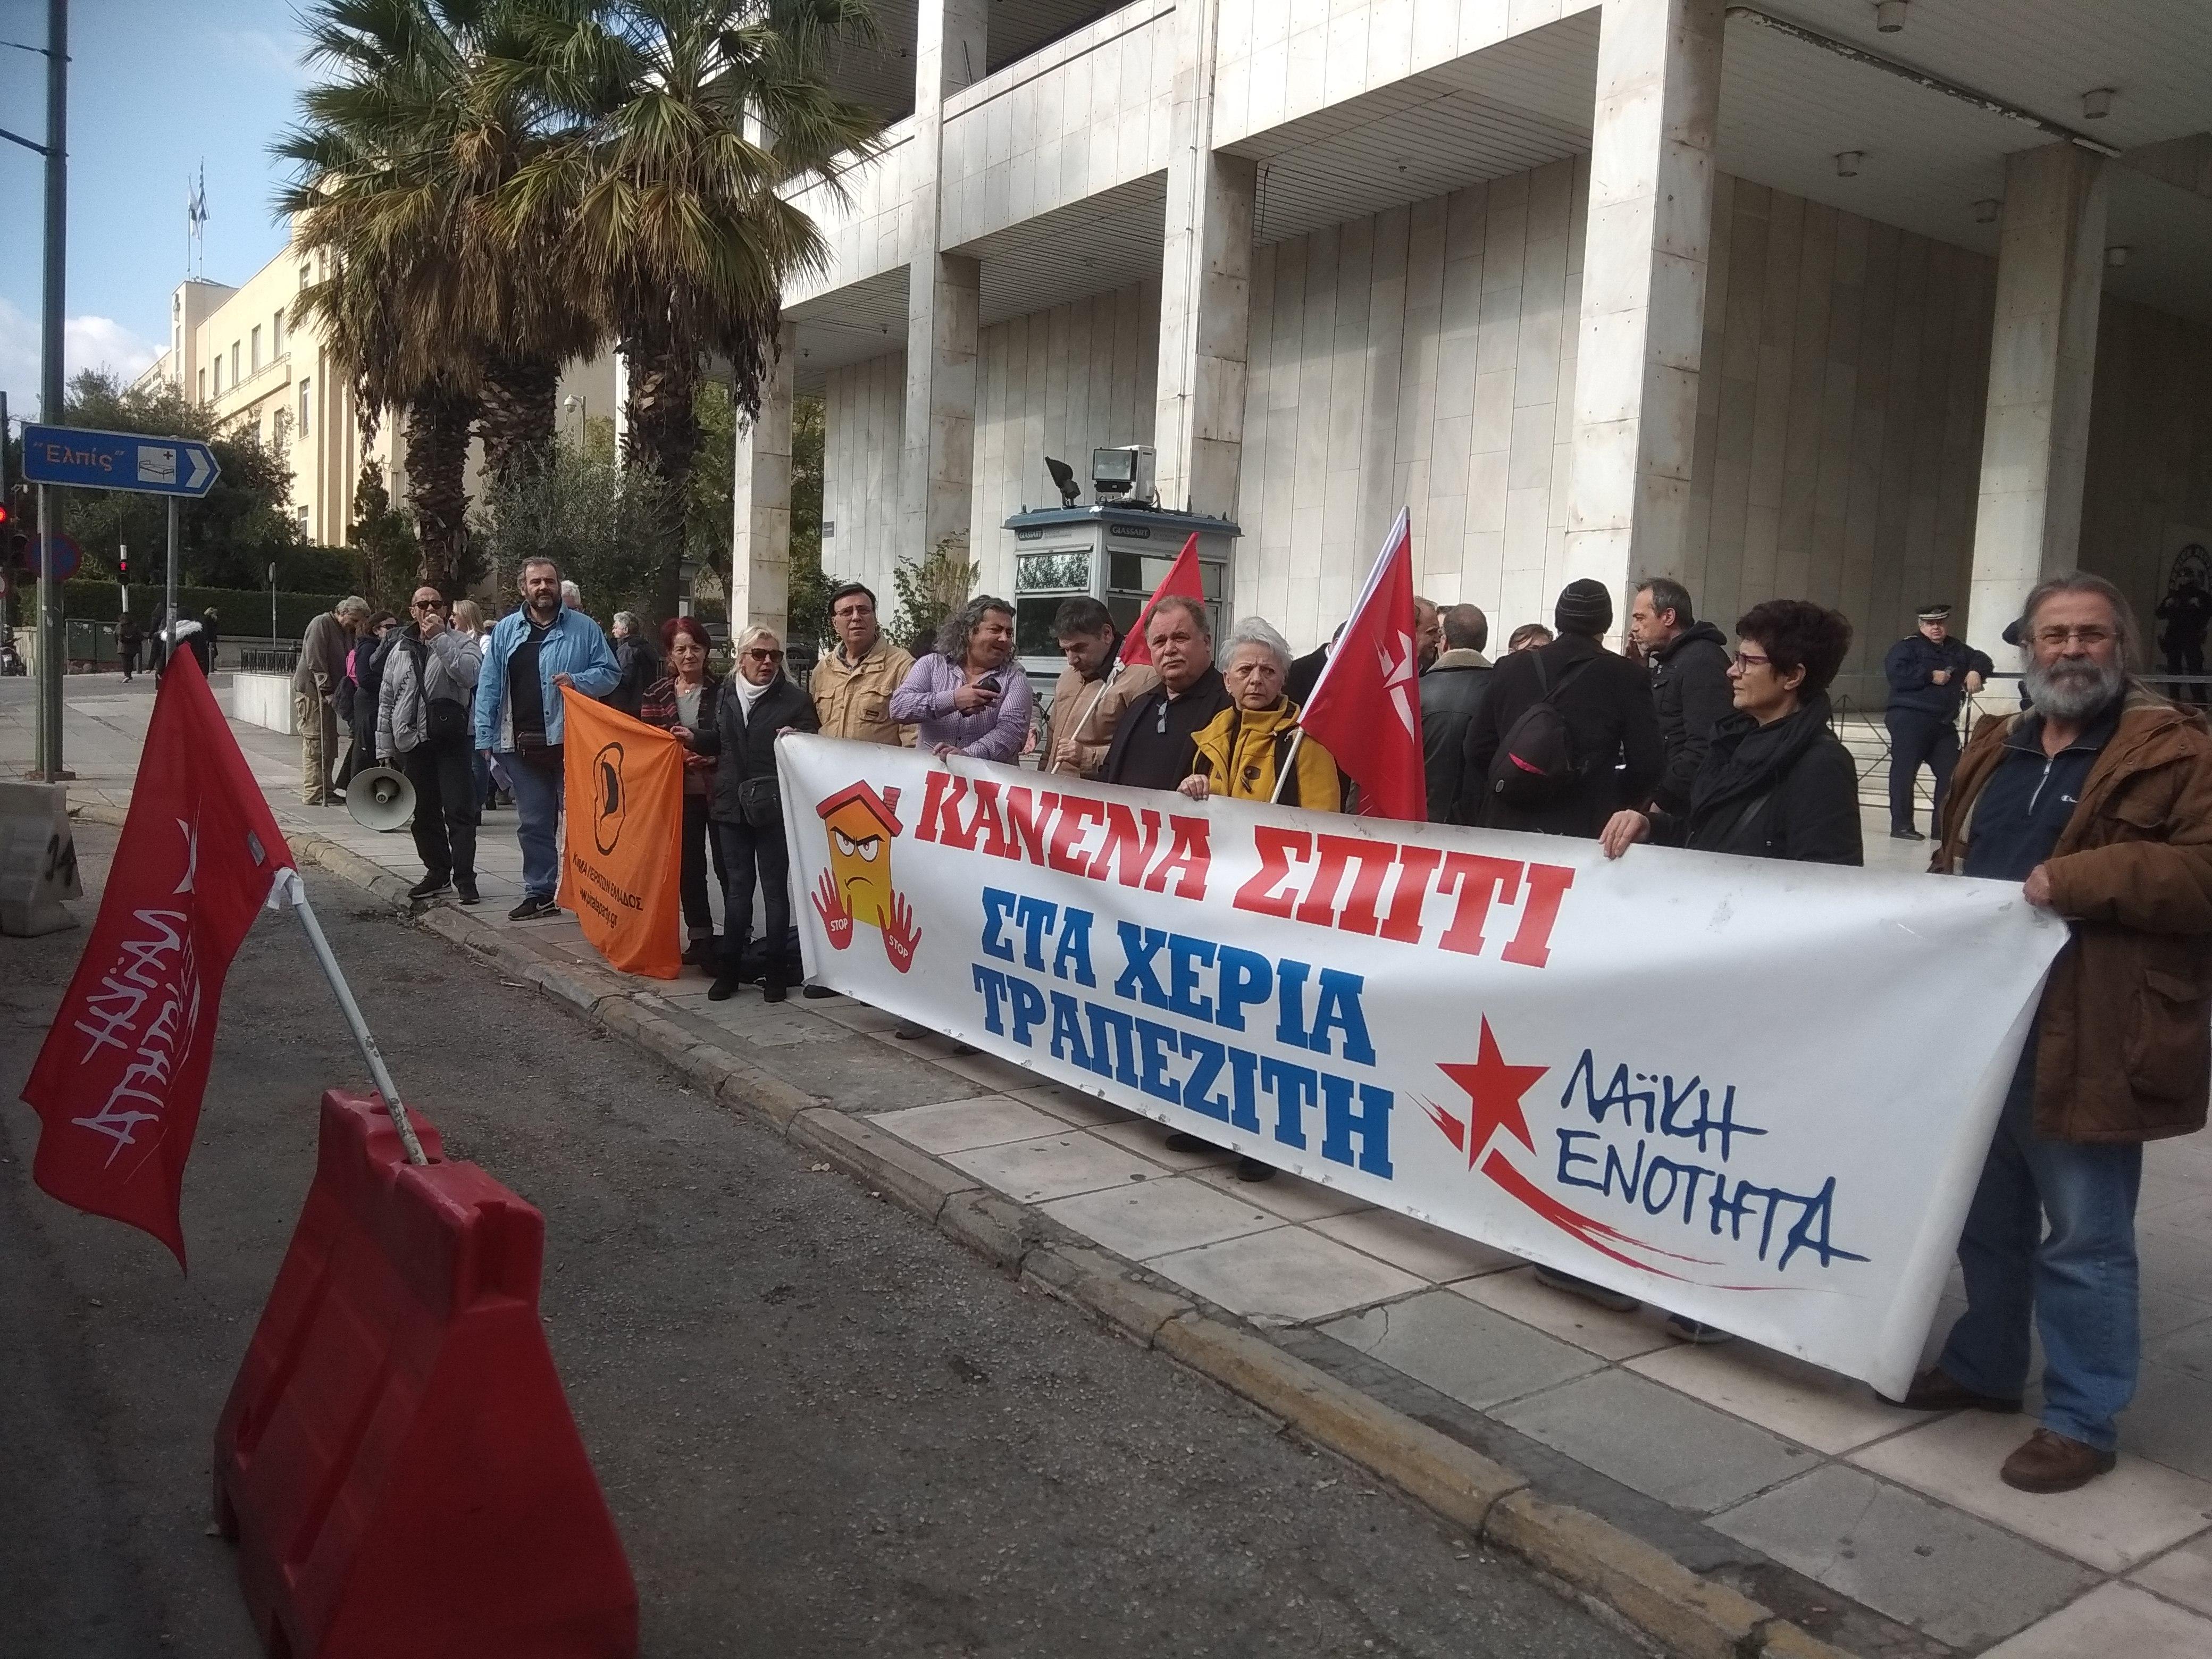 Συγκέντρωση διαμαρτυρίας καιαλληλεγγύης – Ο αυταρχισμός δεν θα περάσει